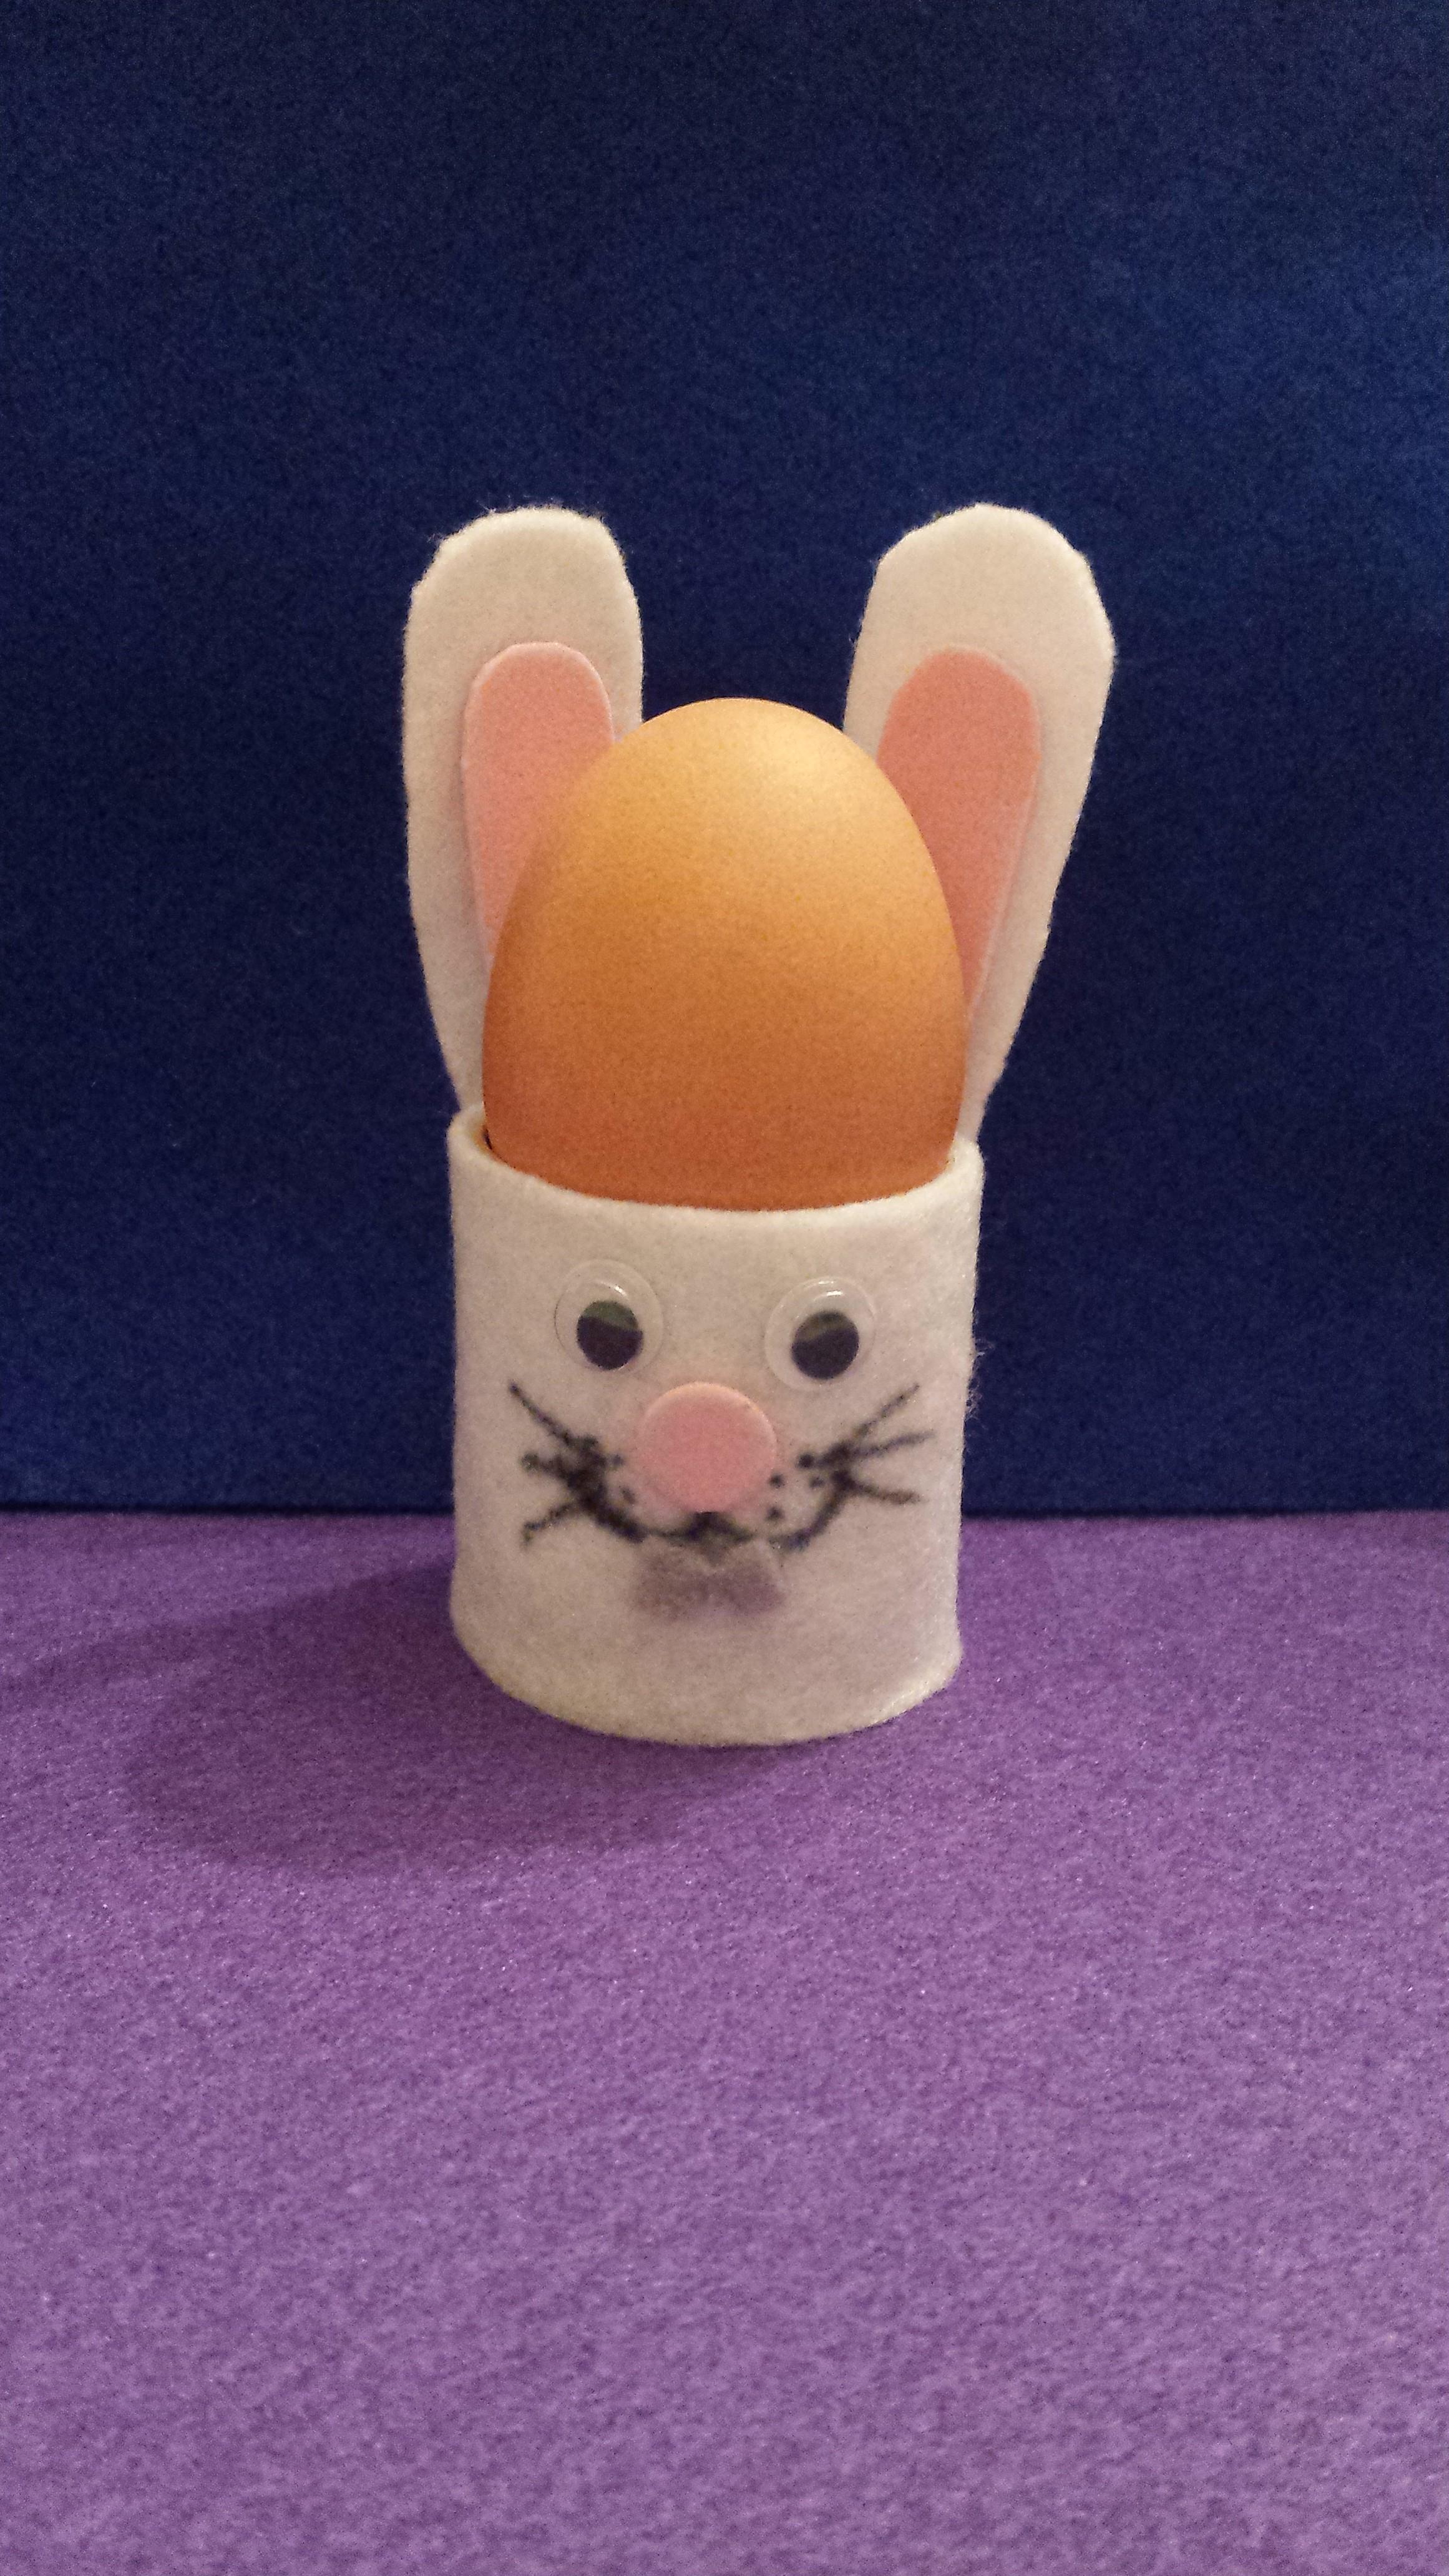 Lavoretti per pasqua il coniglietto easter crafts cute for Opzioni di materiale di raccordo